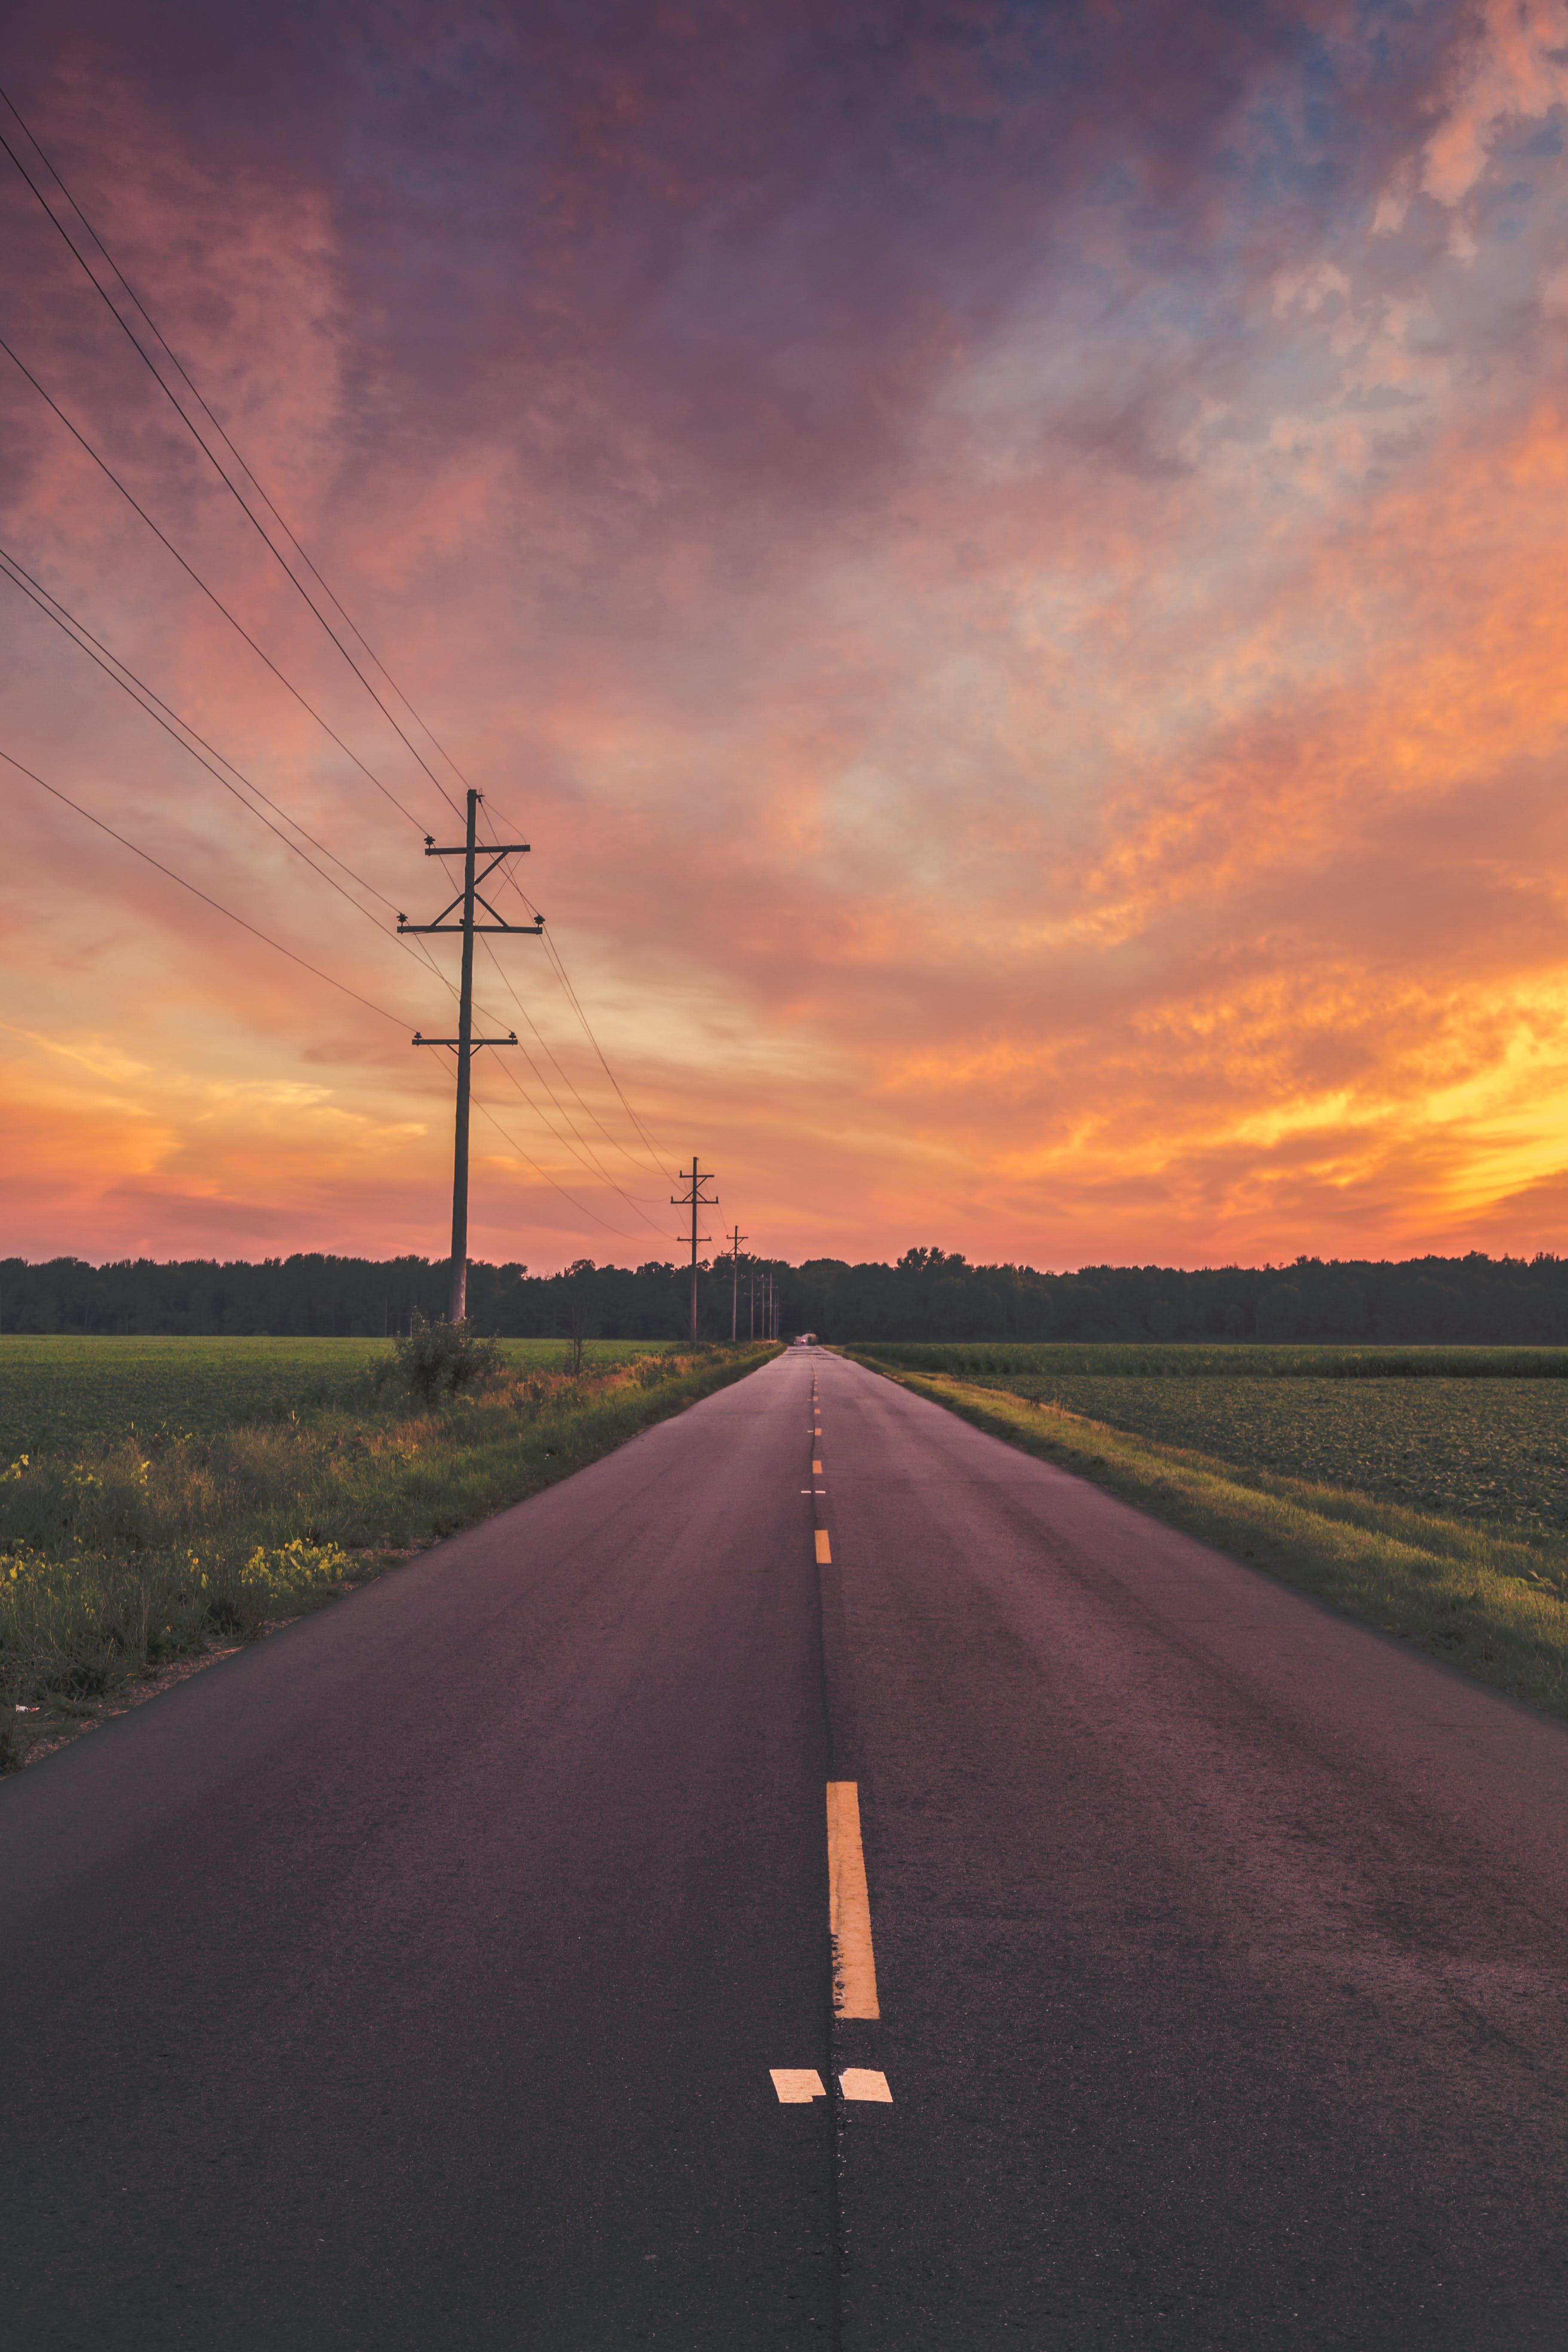 Kostenloses Stock Foto zu abend, asphalt, außerorts, bäume